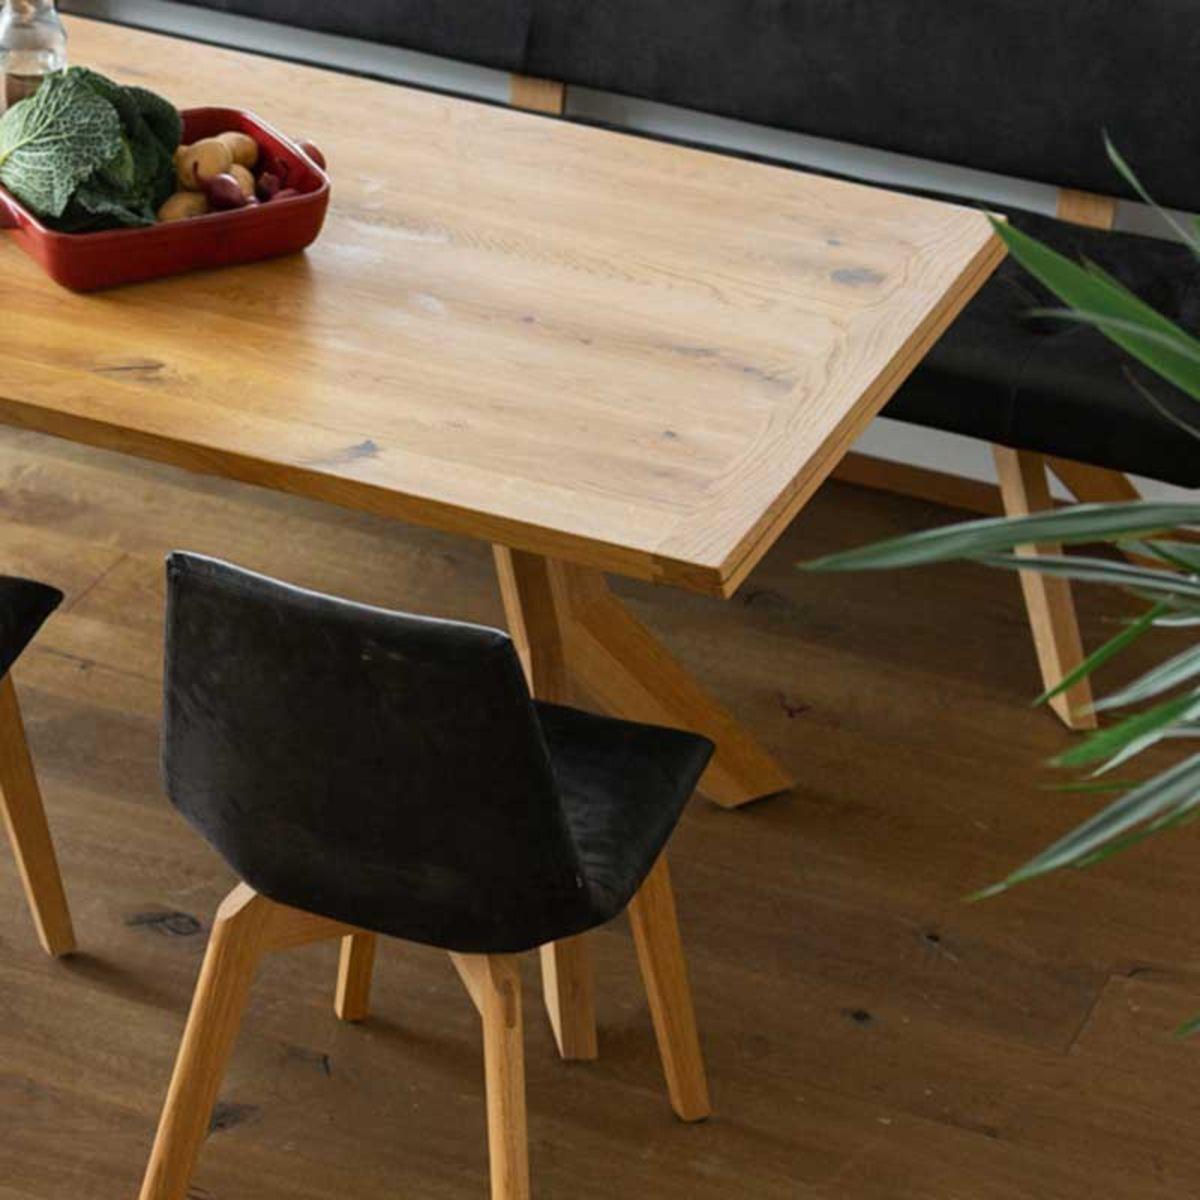 yps Tisch und Bank mit lui Stühlen von TEAM 7 Stuttgart